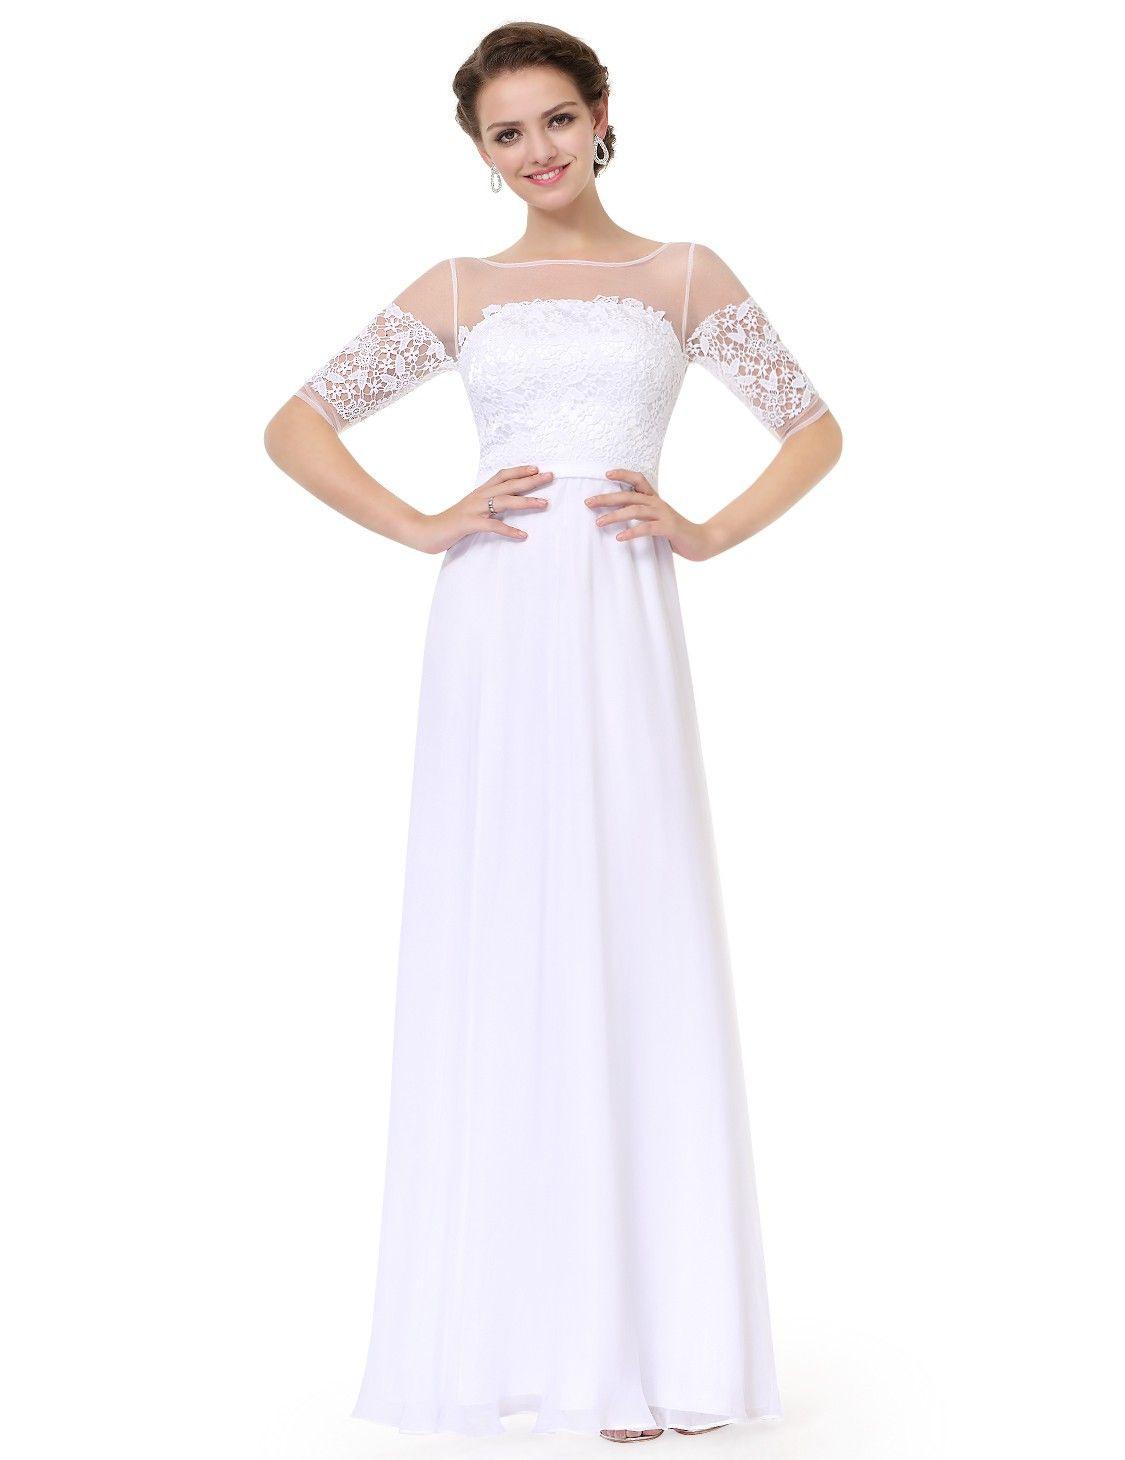 15 Spektakulär Langes Abendkleid Weiß Design17 Schön Langes Abendkleid Weiß für 2019